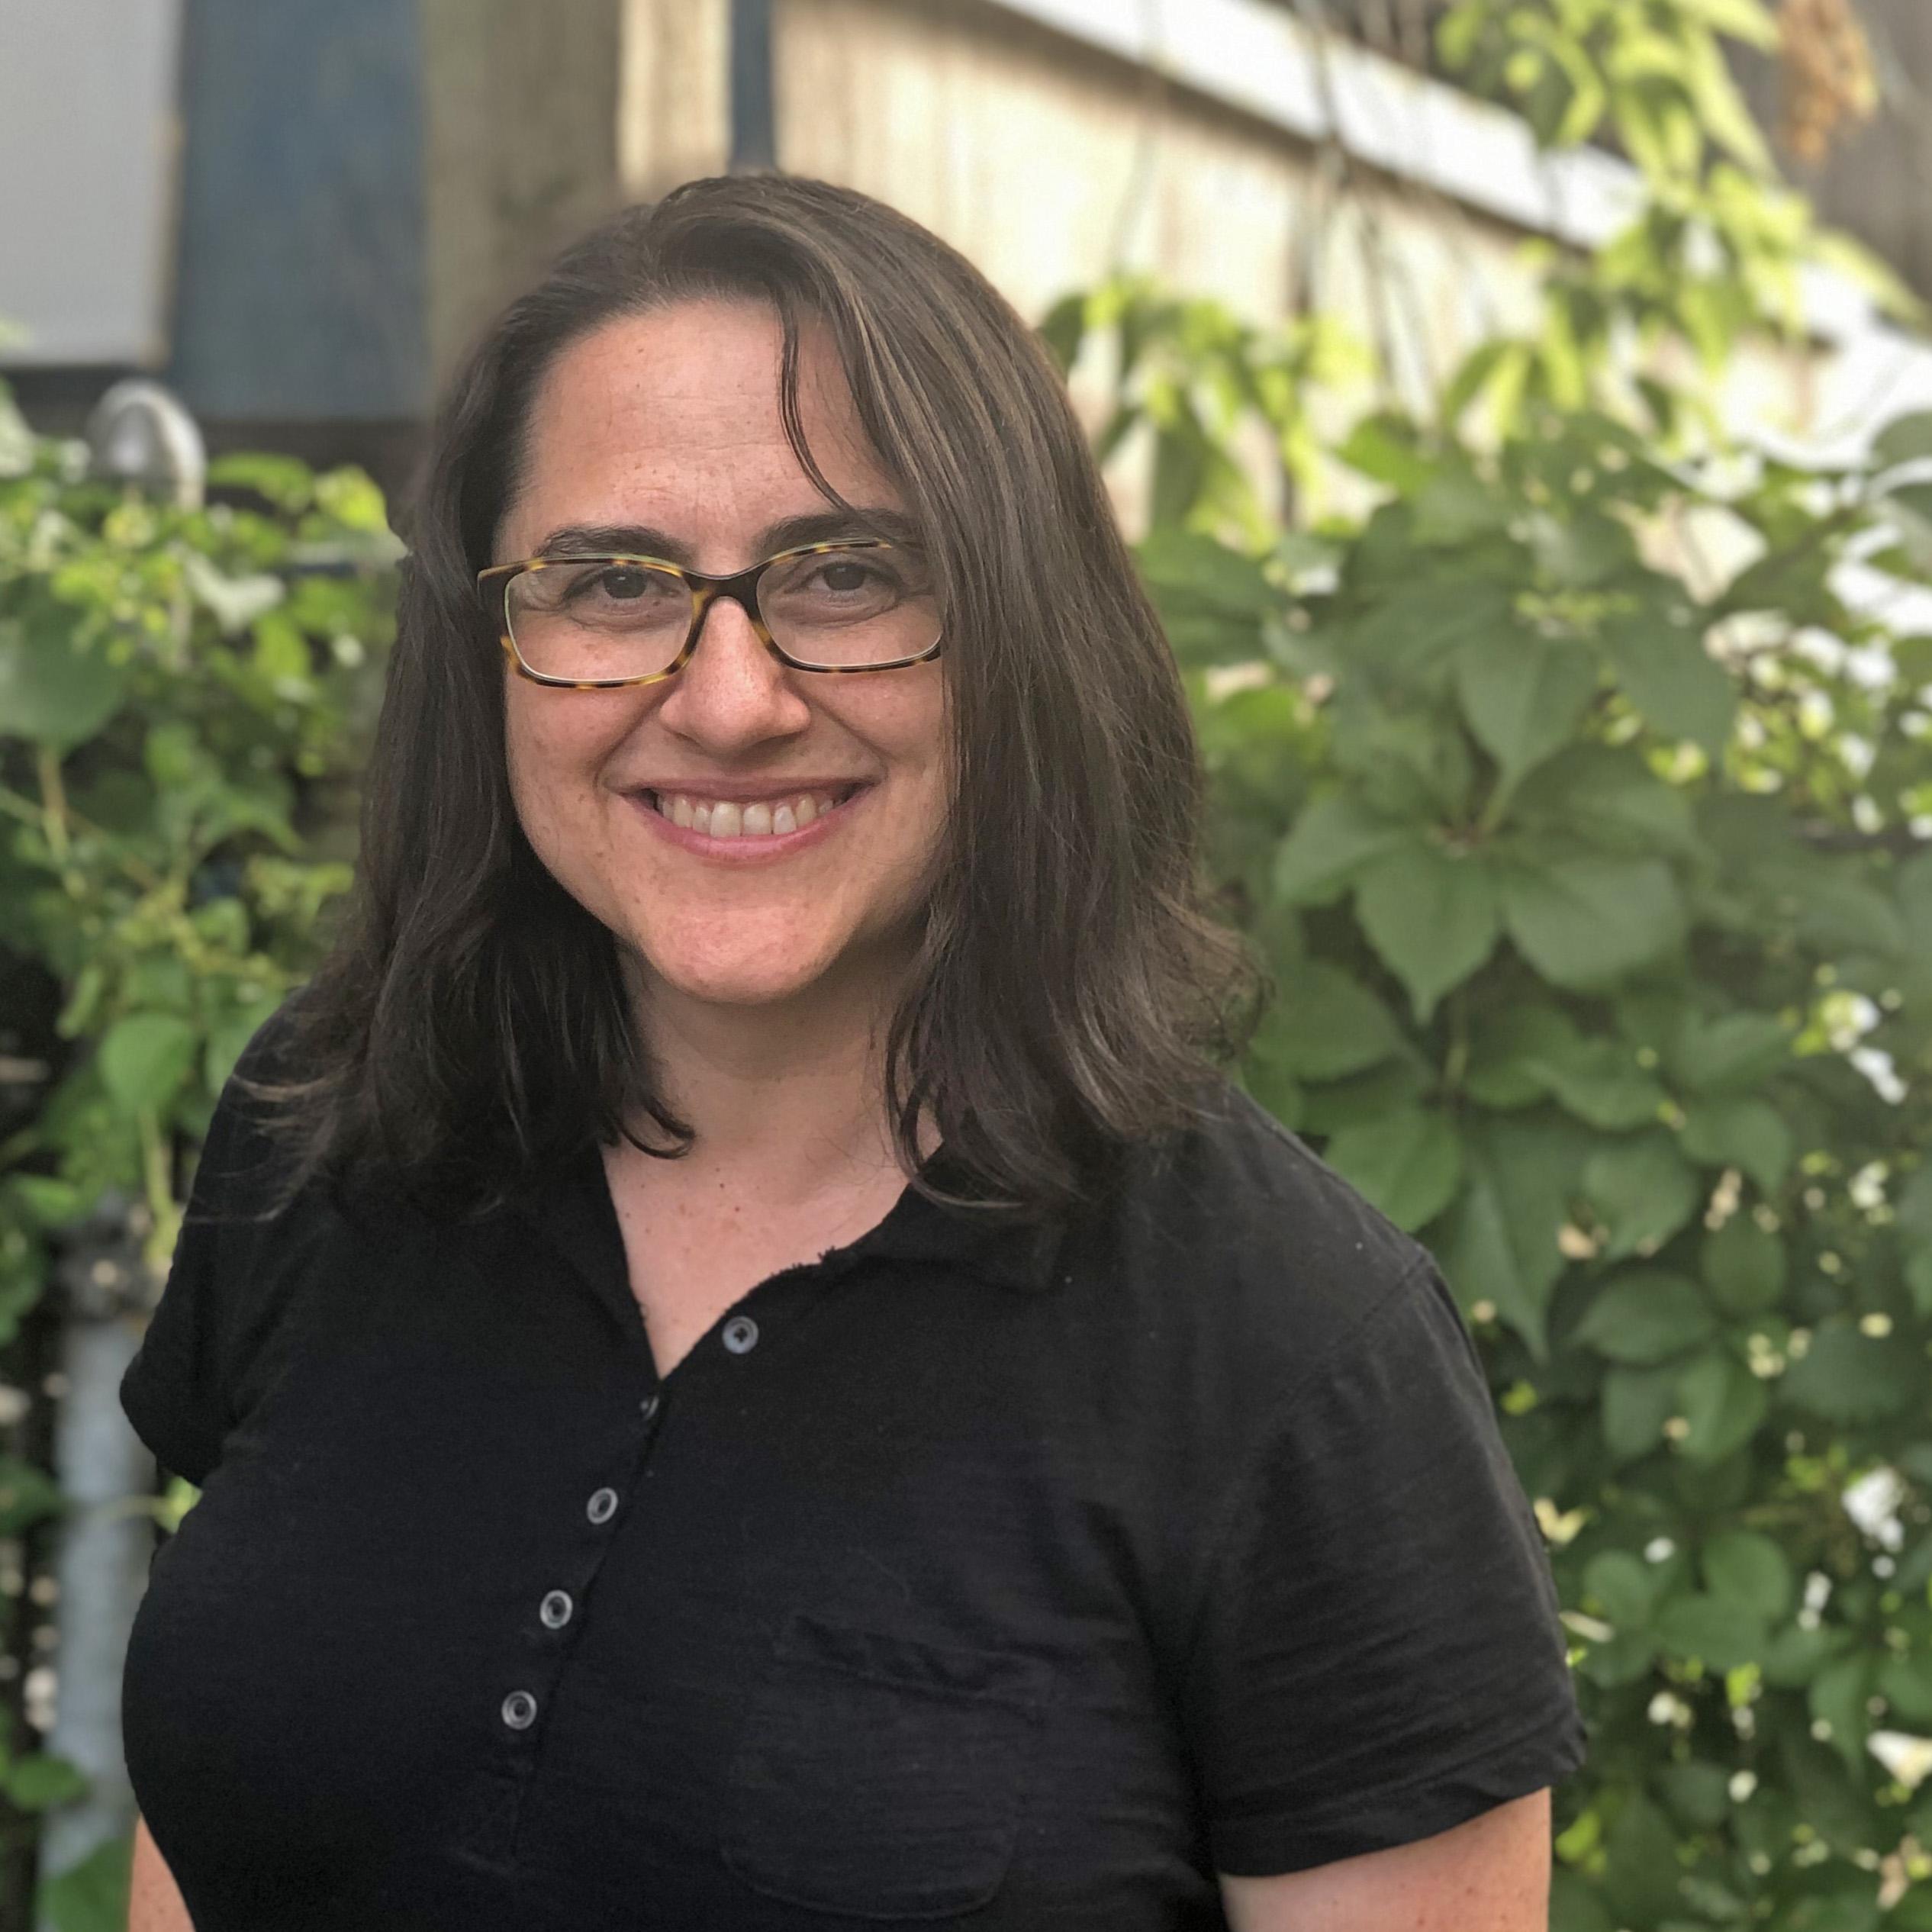 Margaret Kaplan